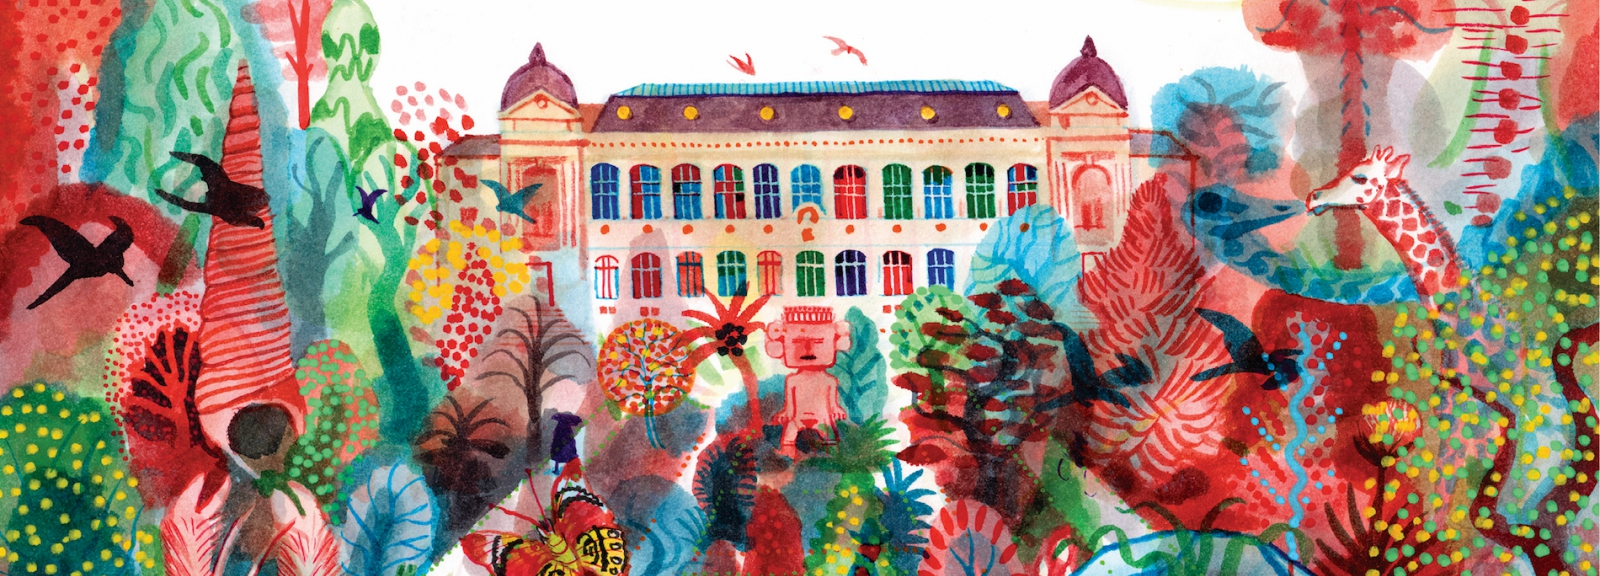 Brecht Evens, Chroniques du Muséum (détail) © Muséum national d'Histoire naturelle / The Parisianer, 2021. Tous droits réservés.